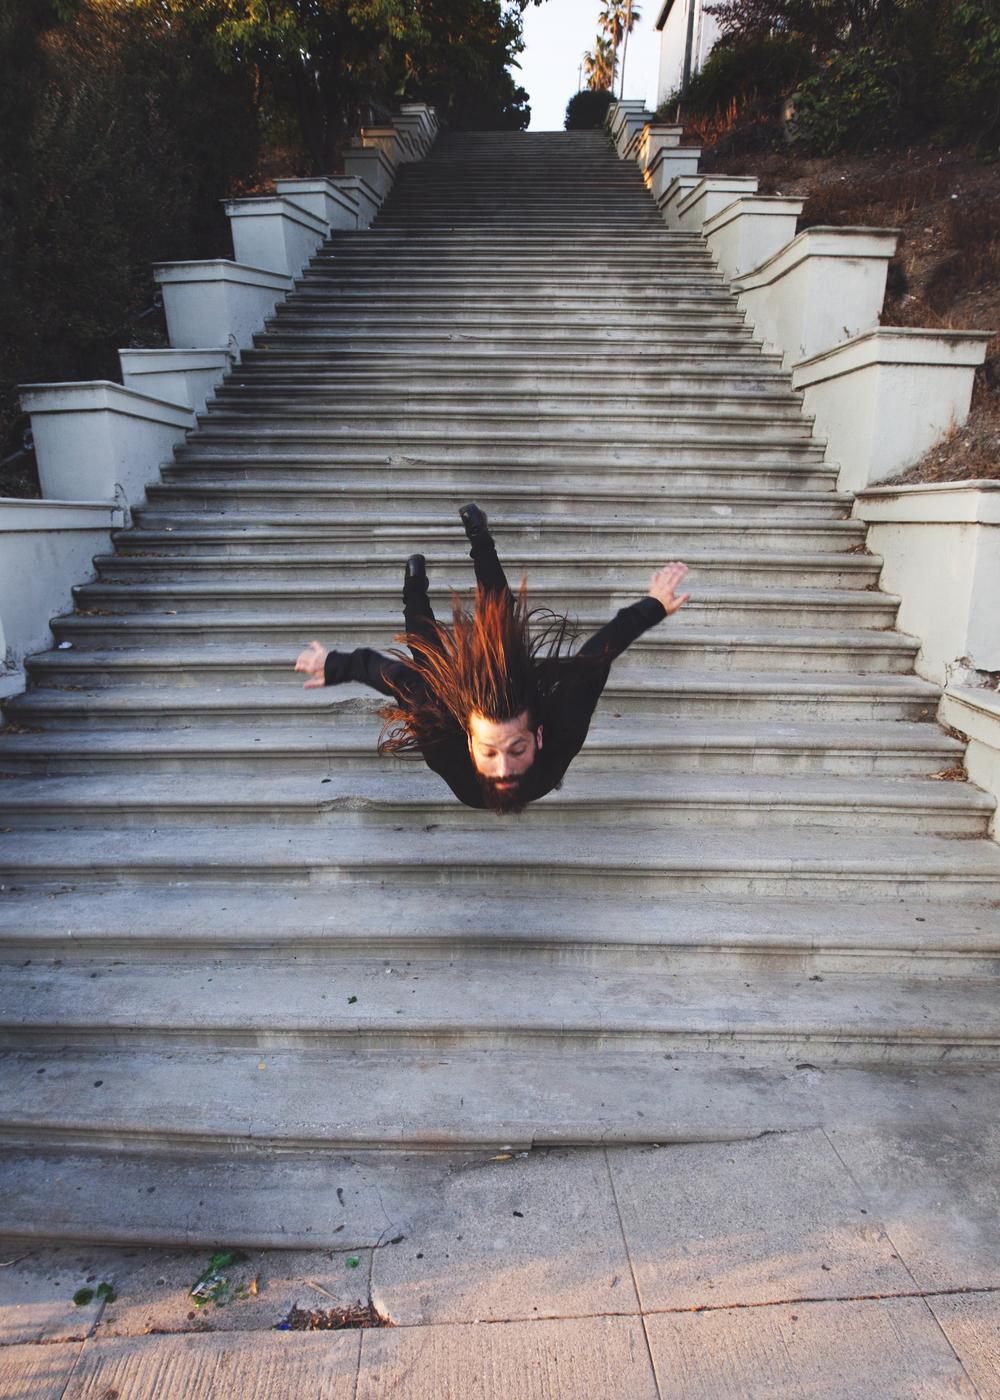 Сюрреализм и гравитация в фотографиях Майка Демпси